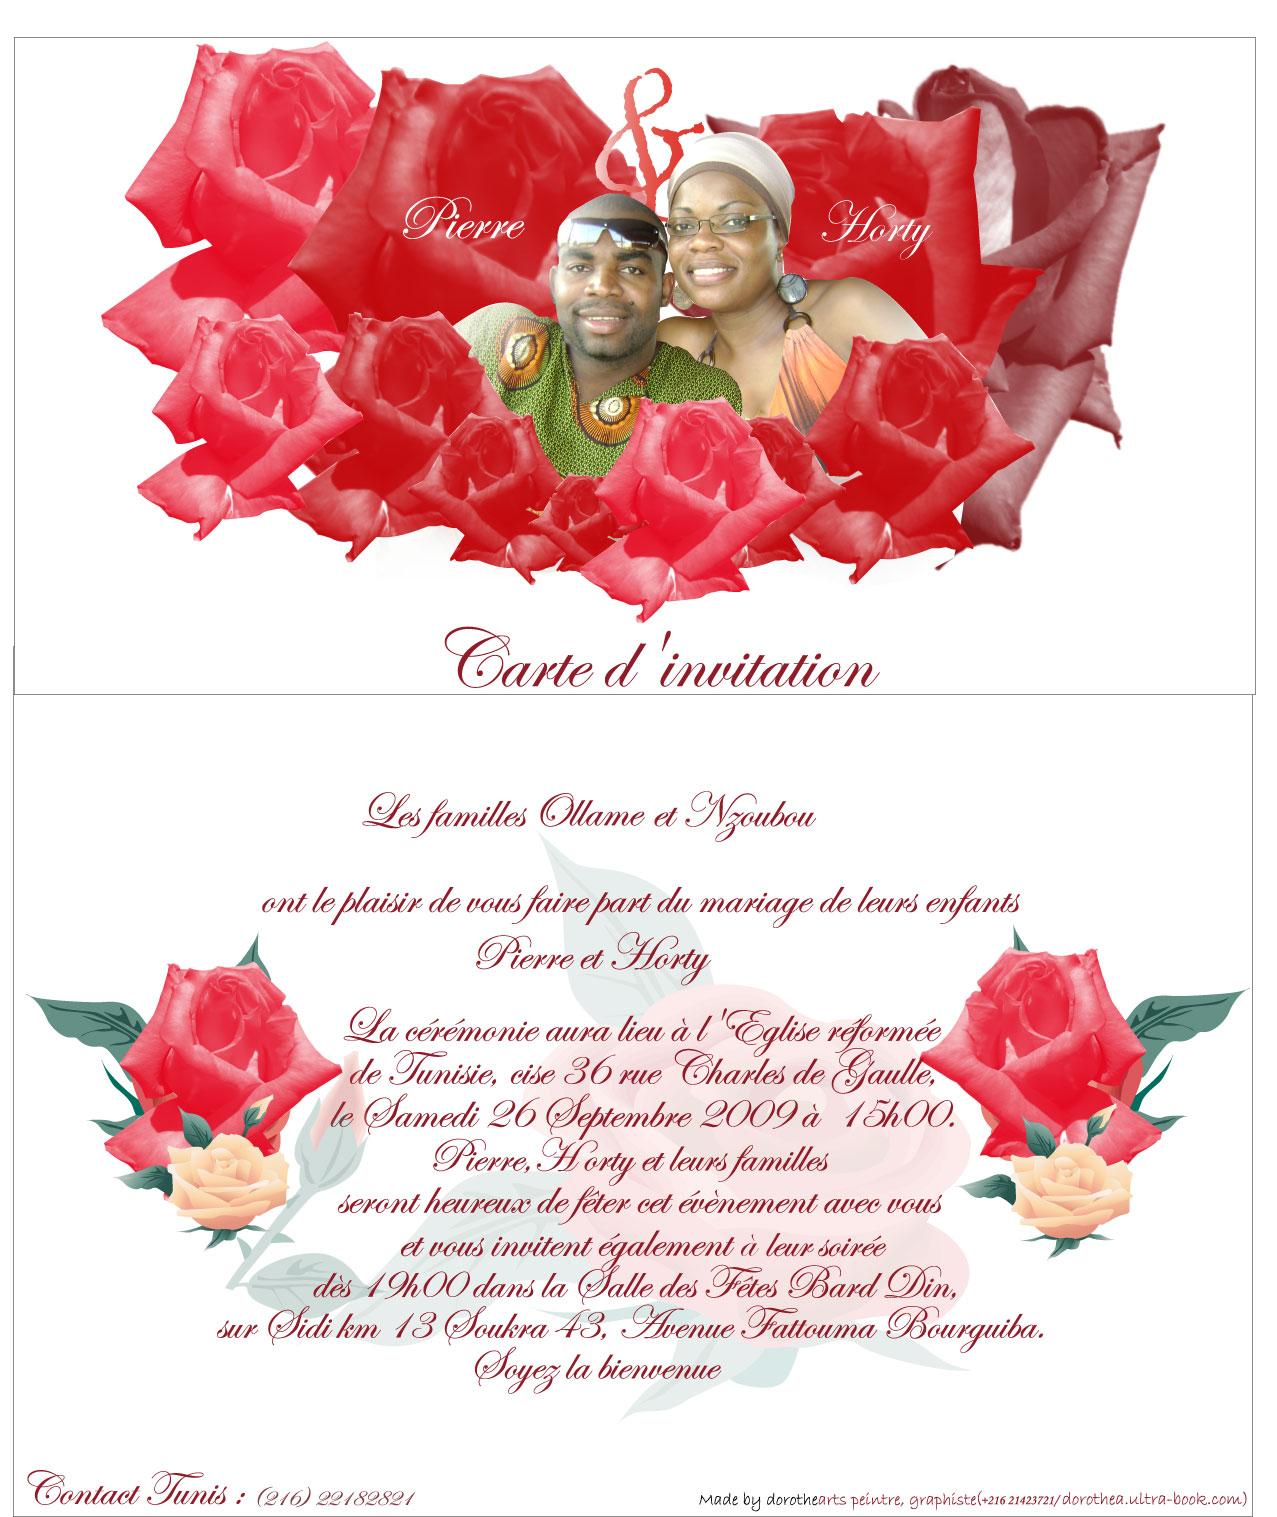 Image pour carte d'invitation de mariage